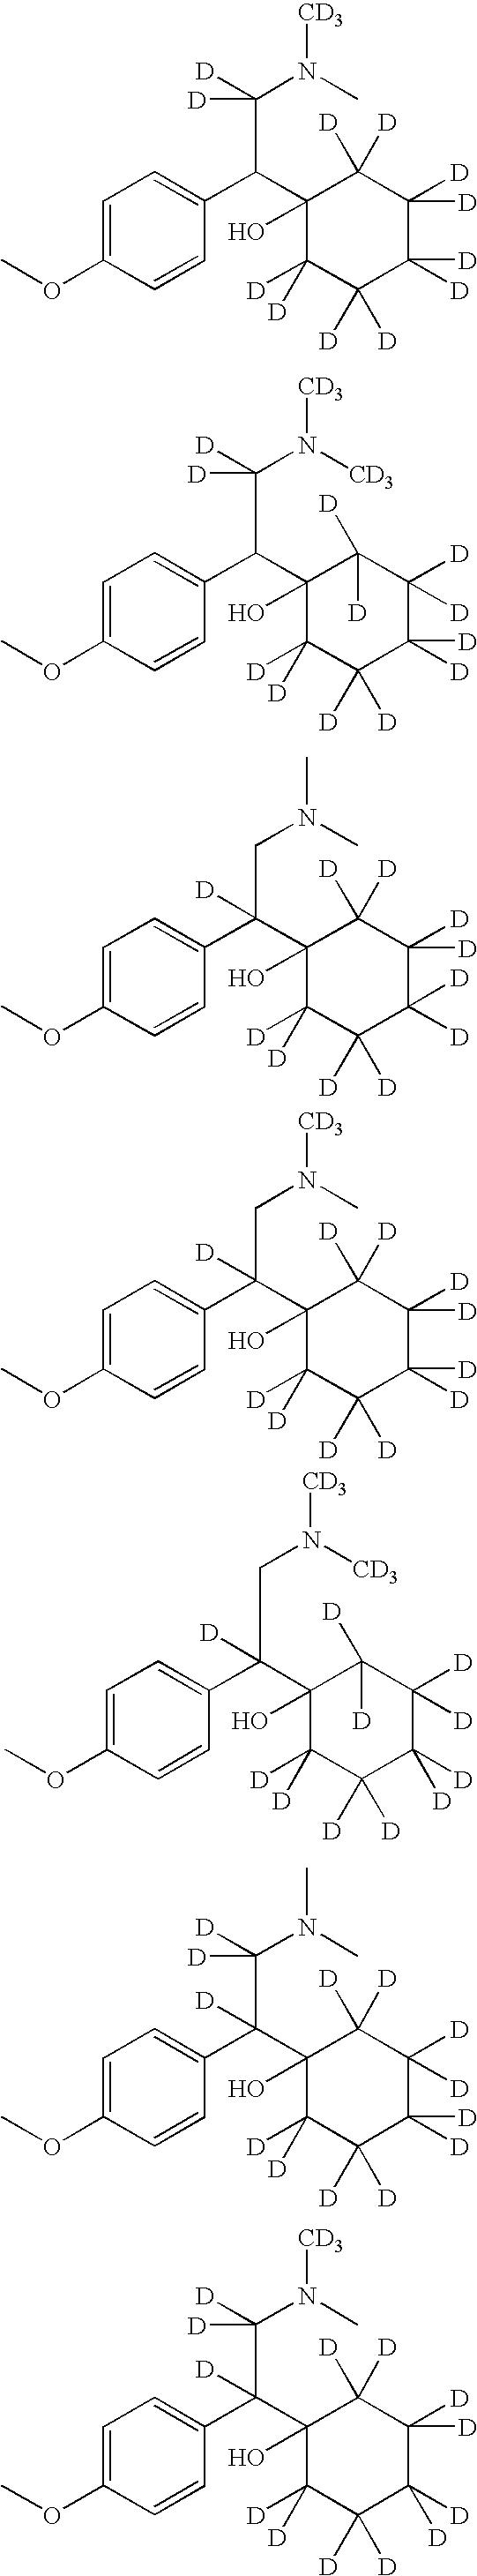 Figure US07456317-20081125-C00007